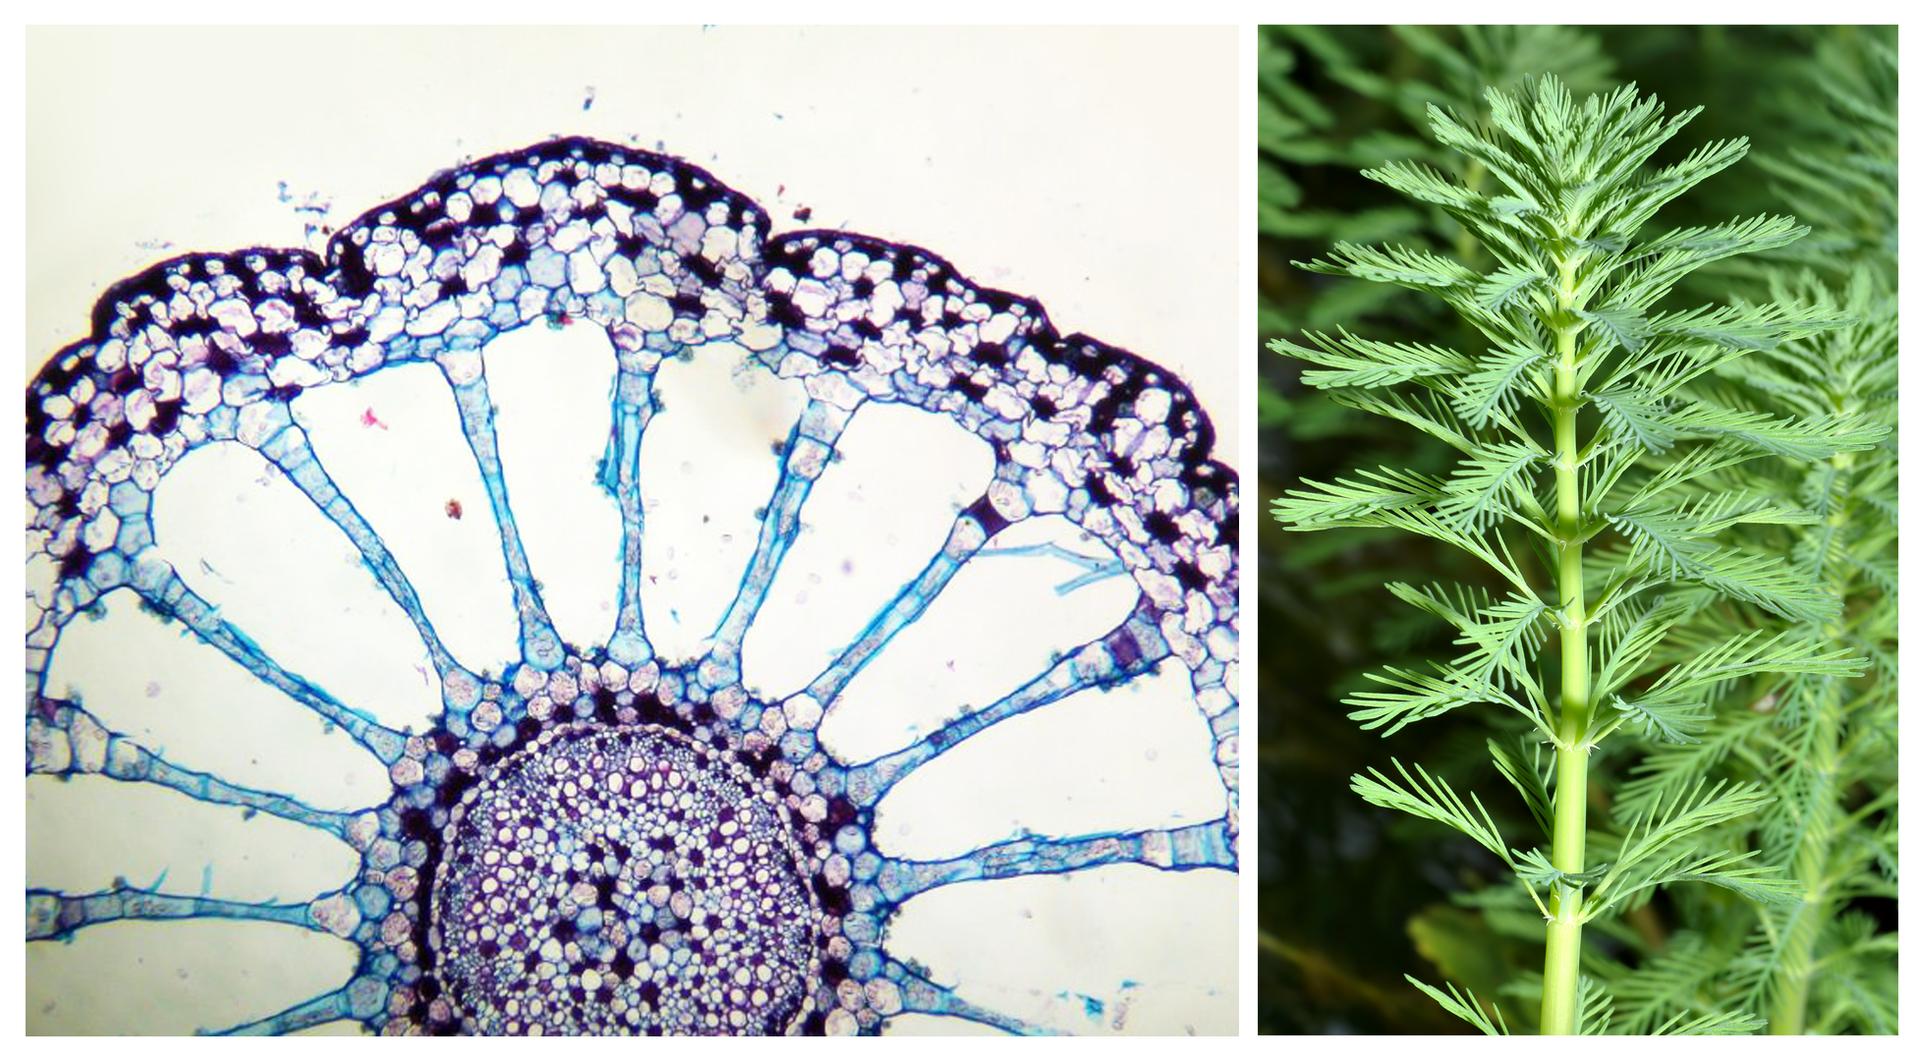 Ilustracja przedstawia 2 obrazy: mikroskopowy - przekroju poprzecznego przez łodygę; widać na nim duże przestwory pomiędzy komórkami oraz pęd wywłócznika wwodzie.